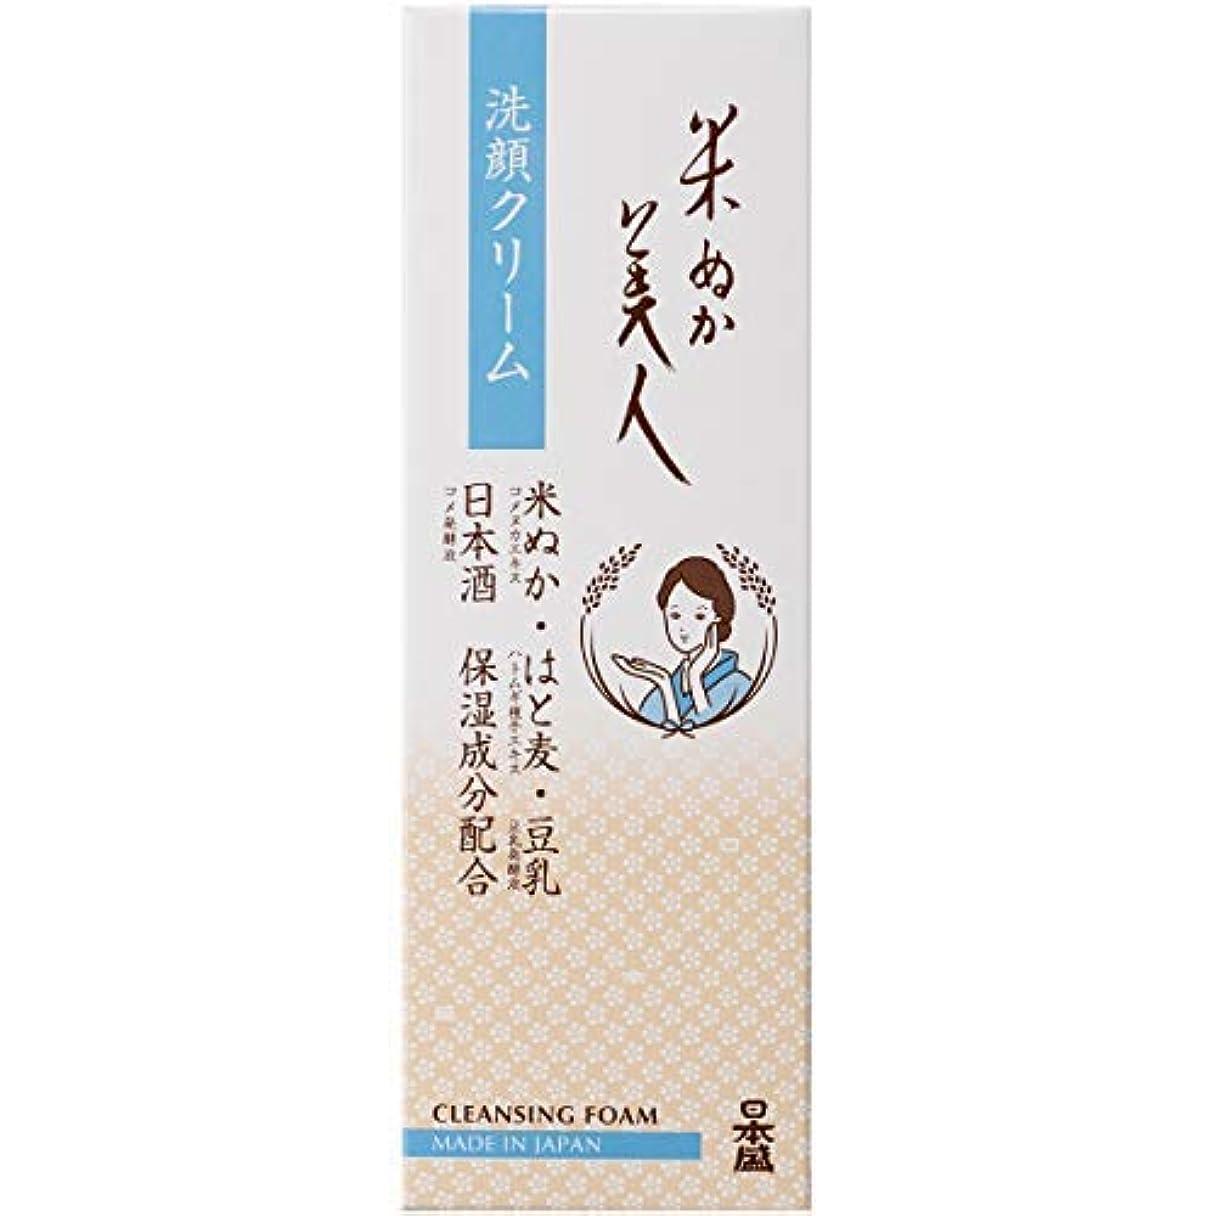 ズーム高める迅速米ぬか美人 洗顔クリーム × 3個セット